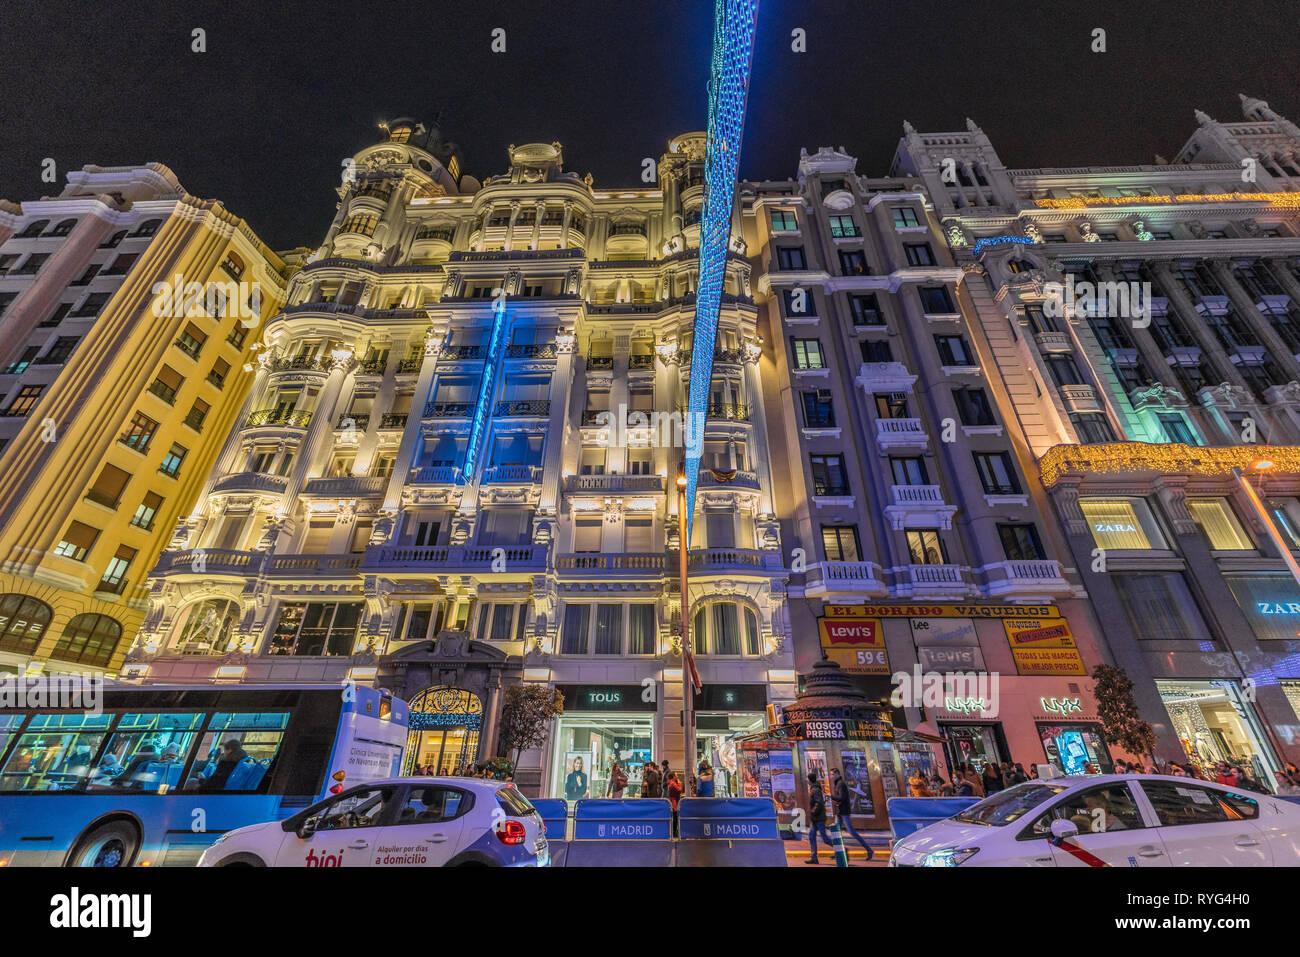 Madrid, Spagna - 26 Dicembre 2017 : Persone, attraversando la Gran Via street, gustano le luci di Natale decorazione e negozi durante il periodo natalizio. Madrid Immagini Stock